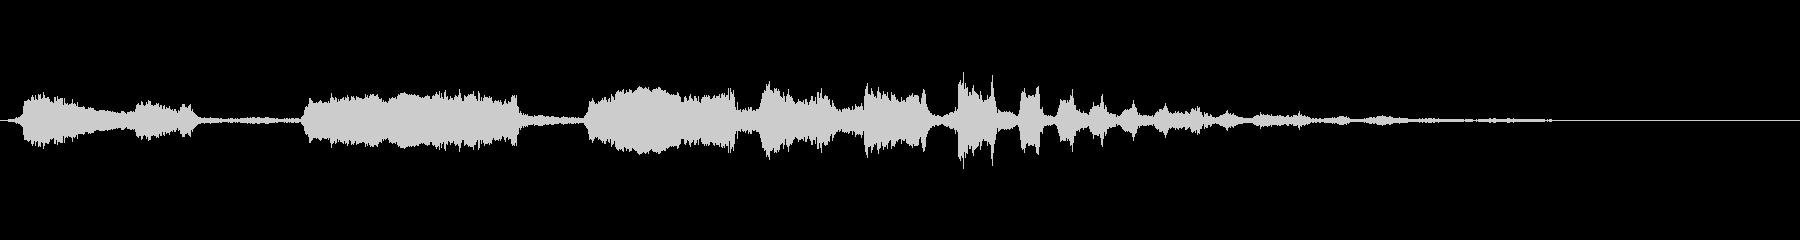 シーガルスコークの未再生の波形